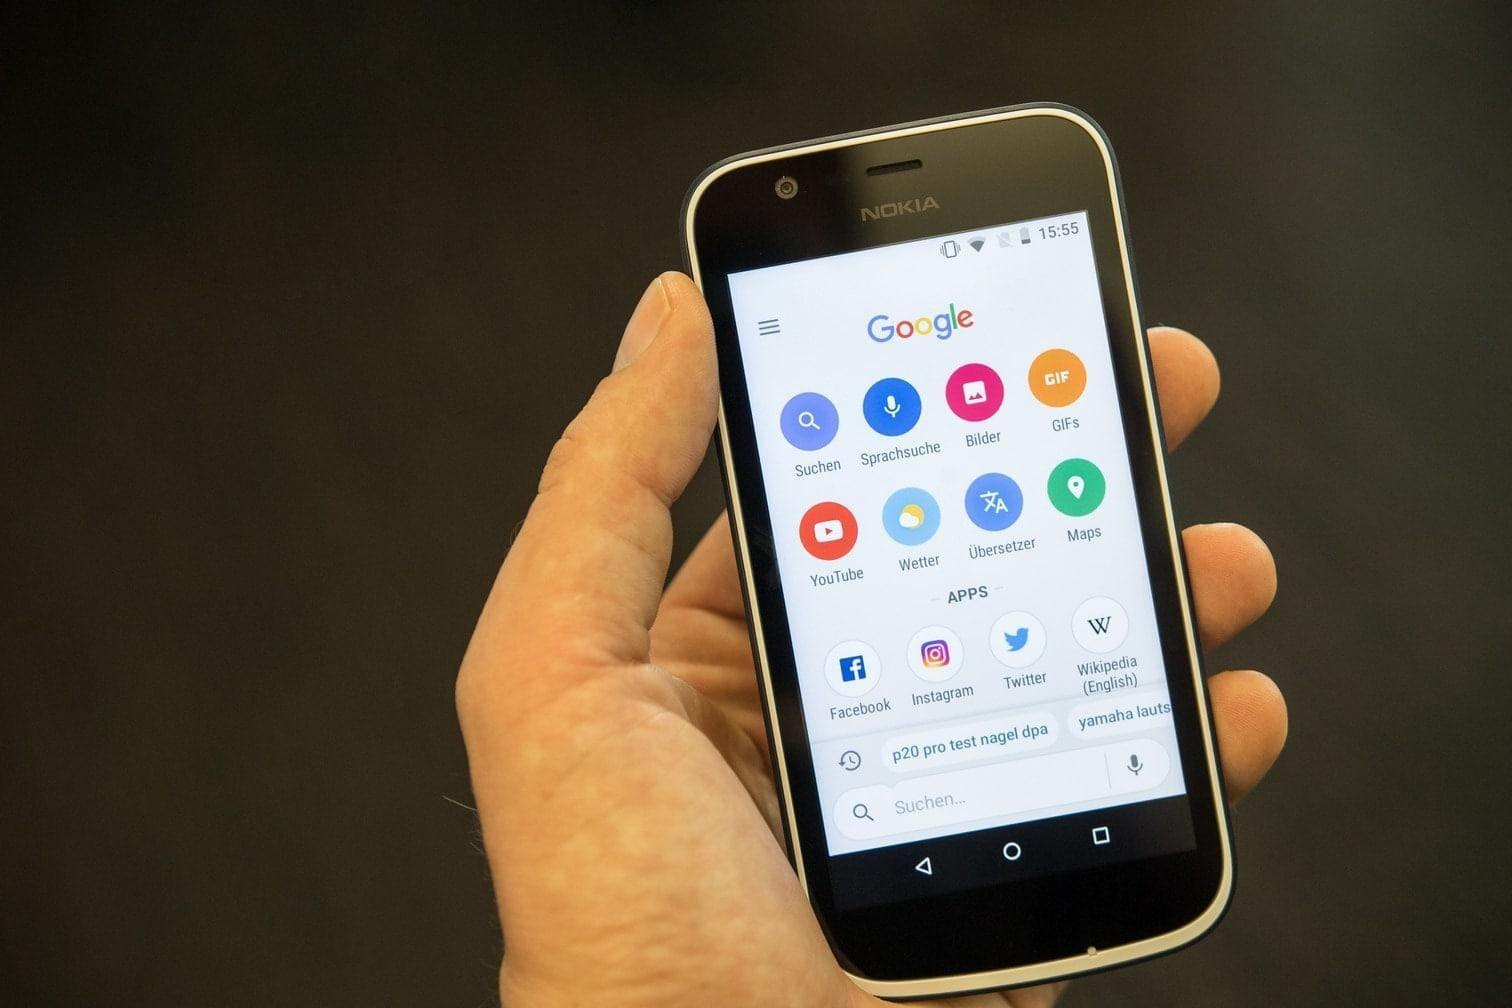 <p>Sparprogramm: Statt der vollwertigen Google-App gibt es mit Android Go eine deutlich abgespeckte Version.</p> Foto: dpa